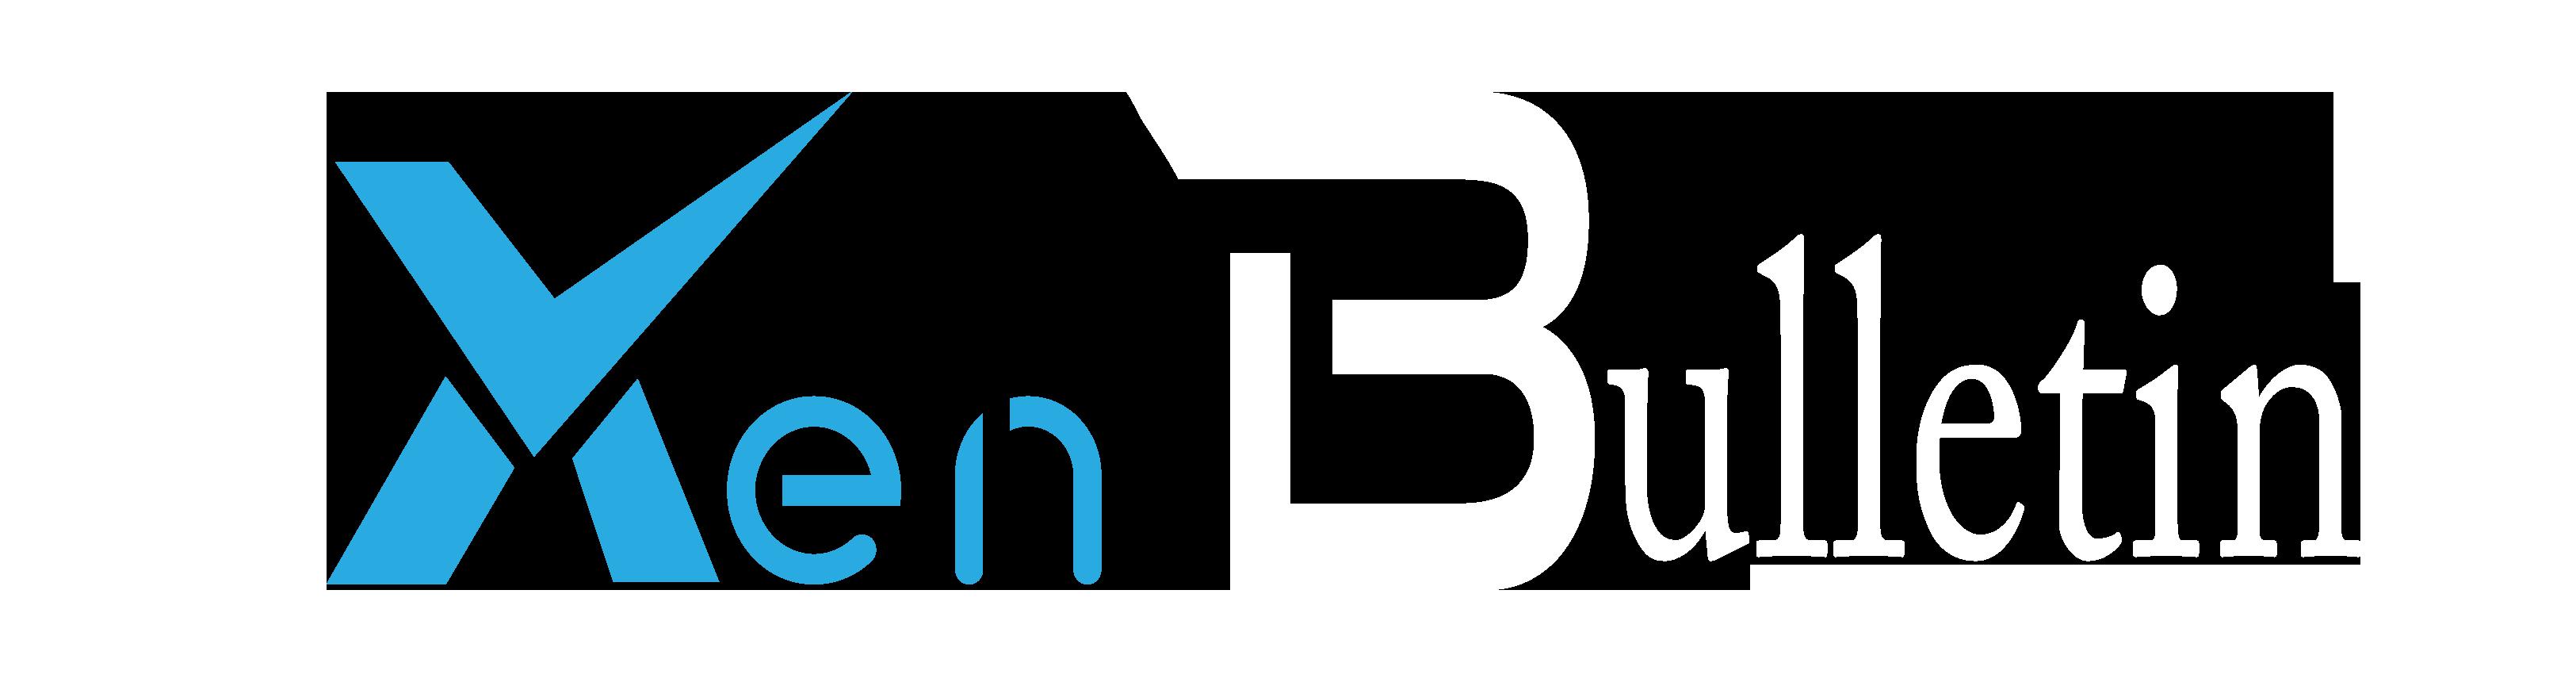 xenbulletins.com